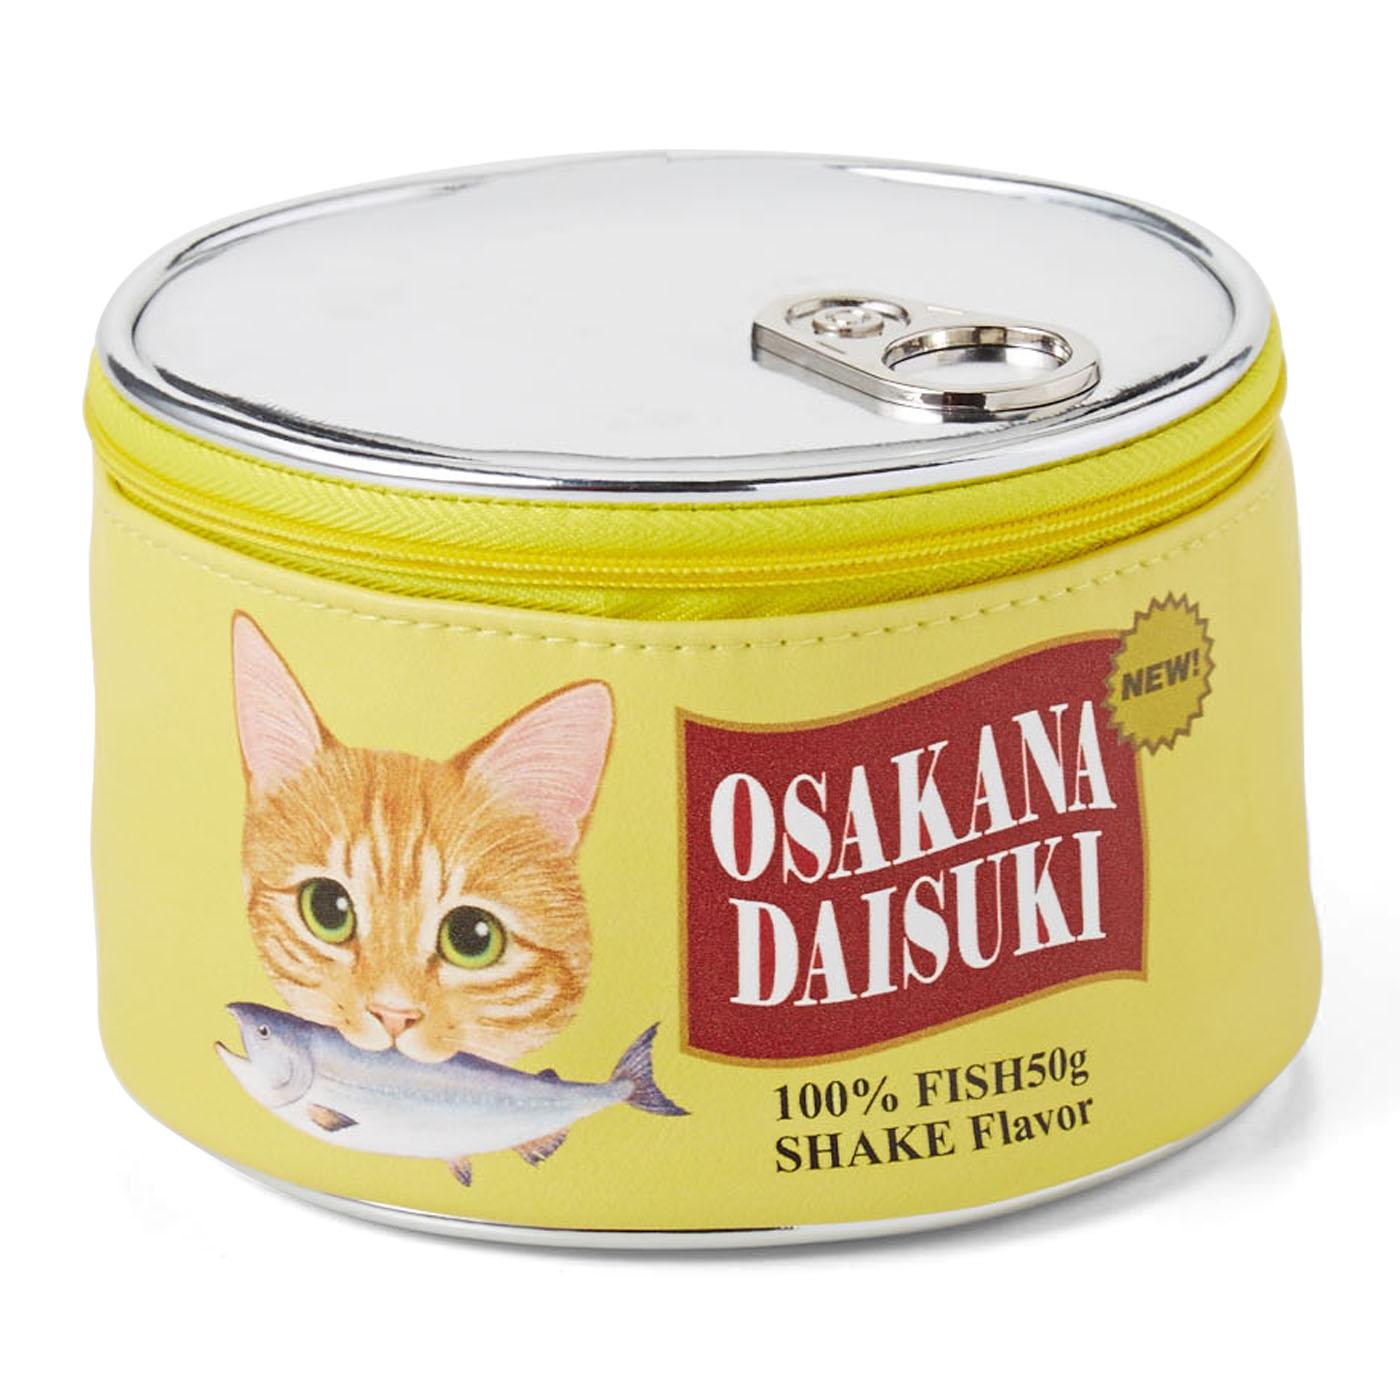 おなかがすいてきちゃうにゃん! お魚猫缶ポーチ